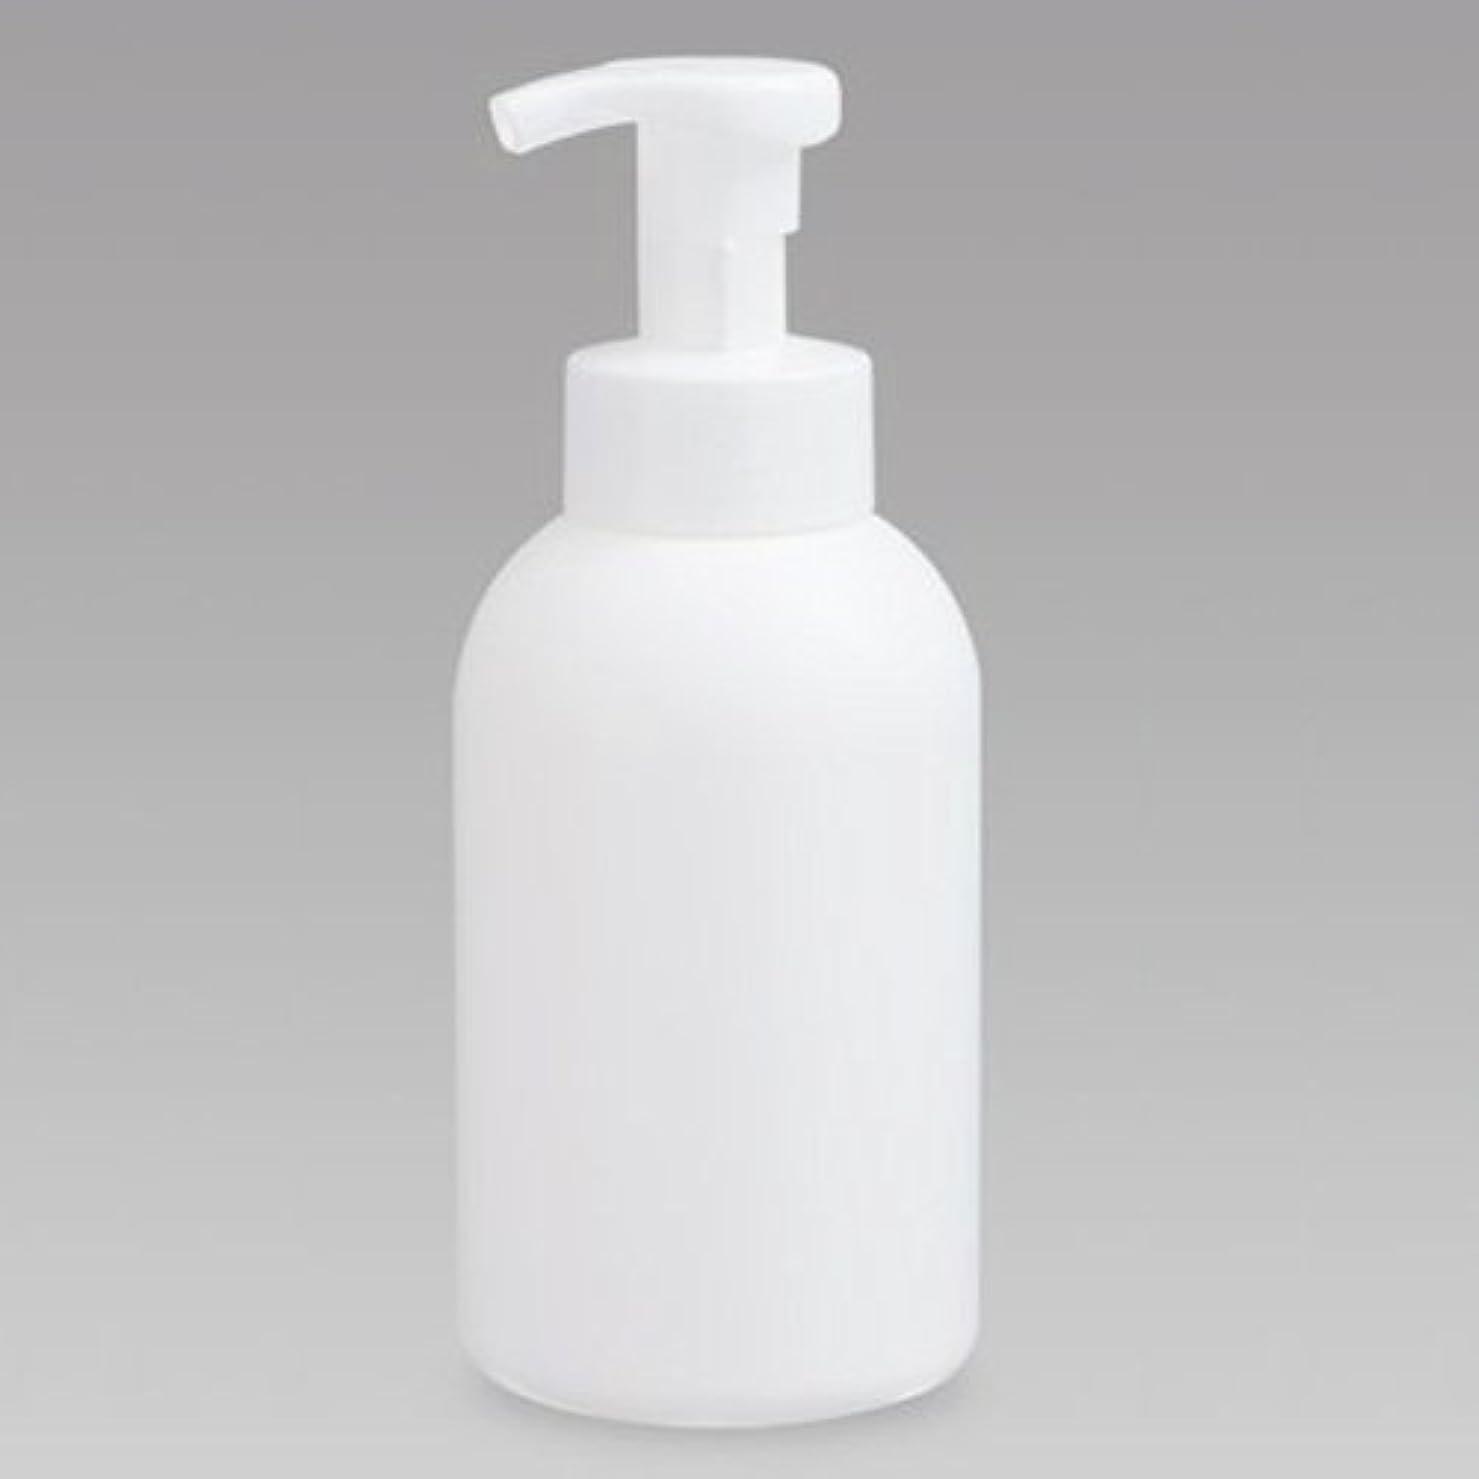 墓地贅沢な空白泡ボトル 泡ポンプボトル 500mL(PE) ホワイト 詰め替え 詰替 泡ハンドソープ 全身石鹸 ボディソープ 洗顔フォーム